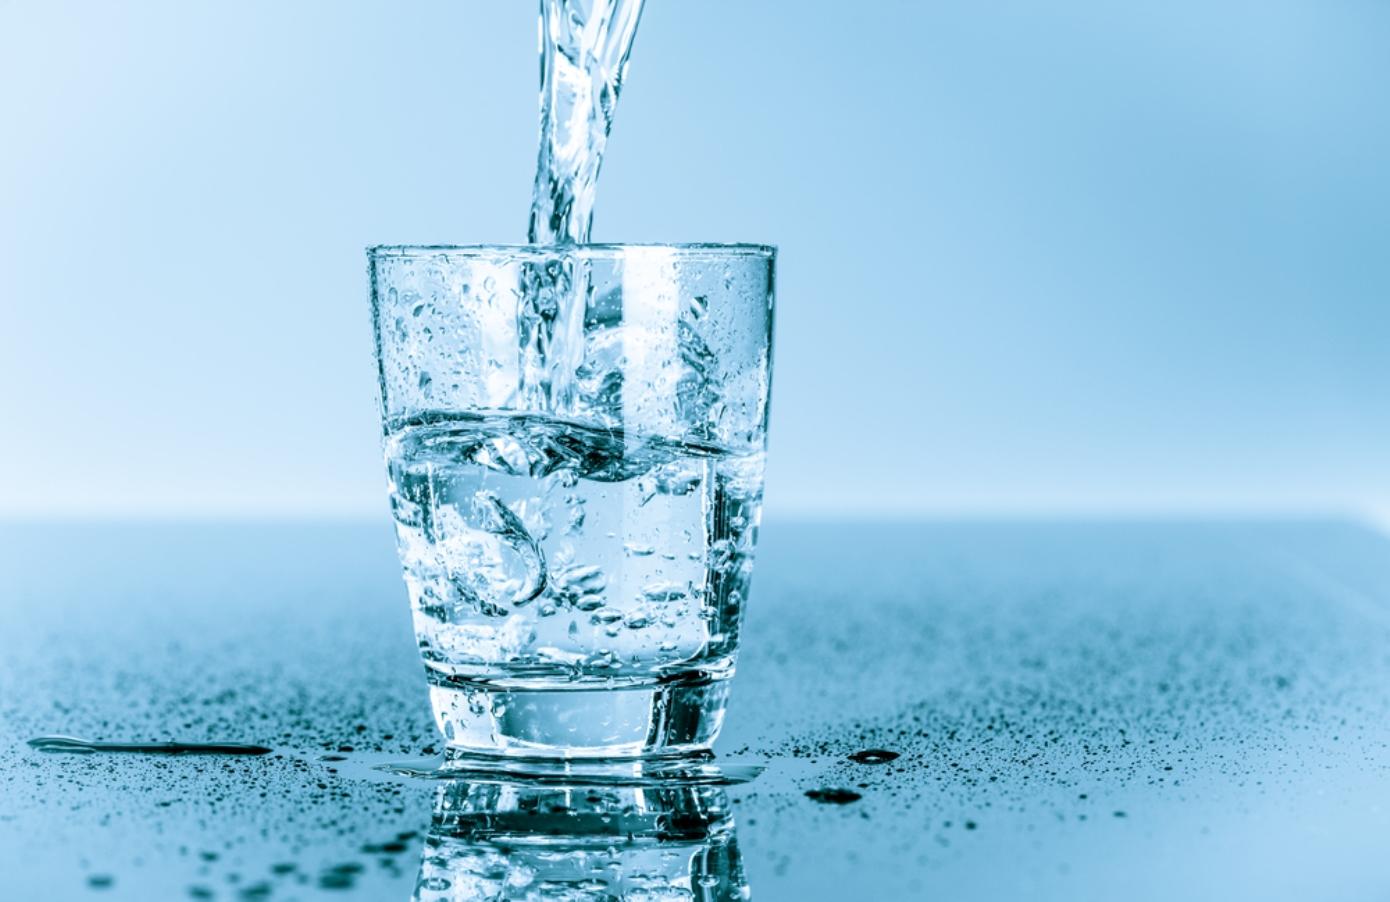 shutterstock_water